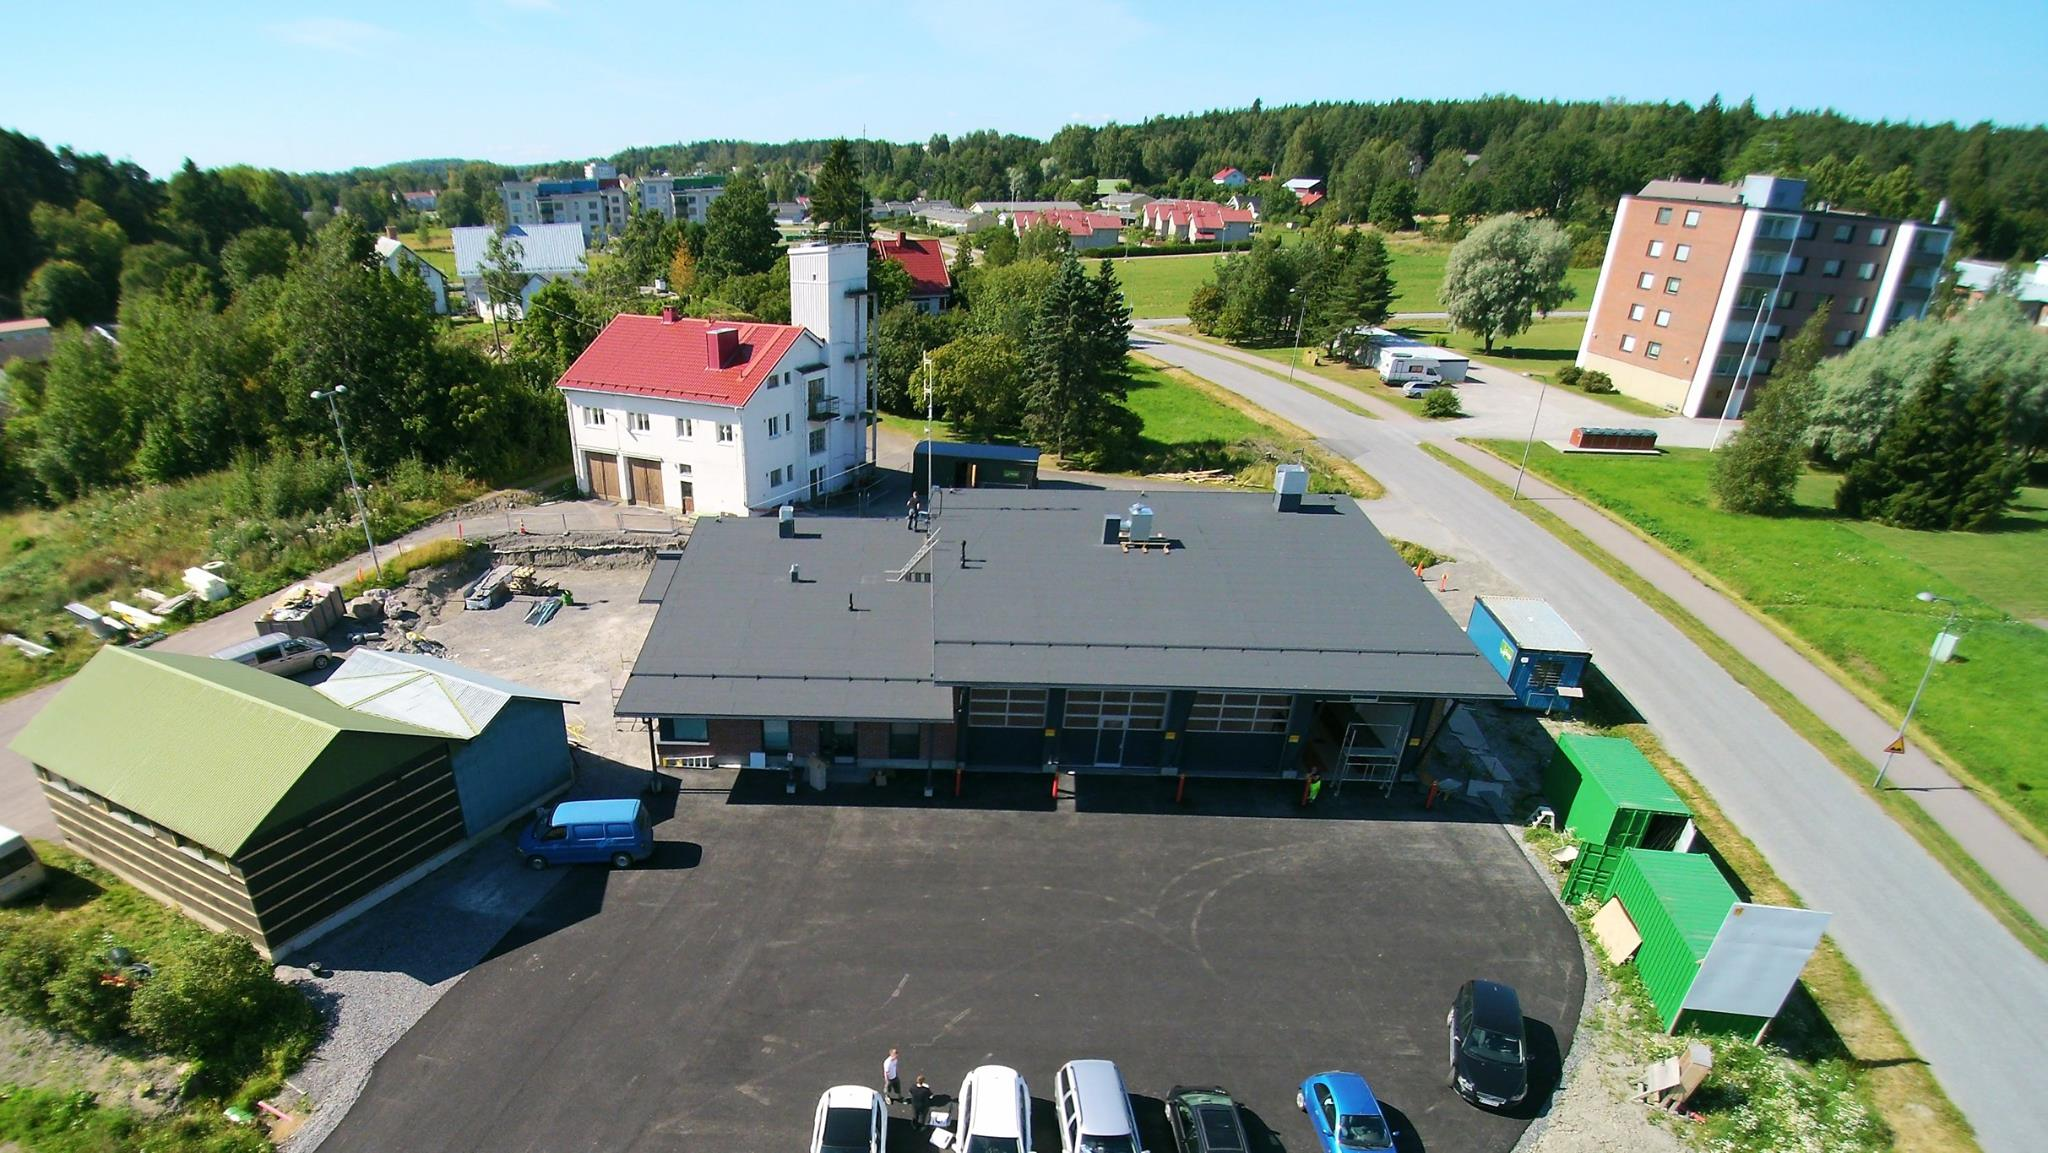 """Kuva: Paloasemaa rakennetaan. Taustalla vaalea rakennus on vanha paloasema ja vasemmalla vihreä on kalustohalli sekä harmaa osa """"sosiaalitiloja"""". Kuva: Piikkiön VPK ry."""